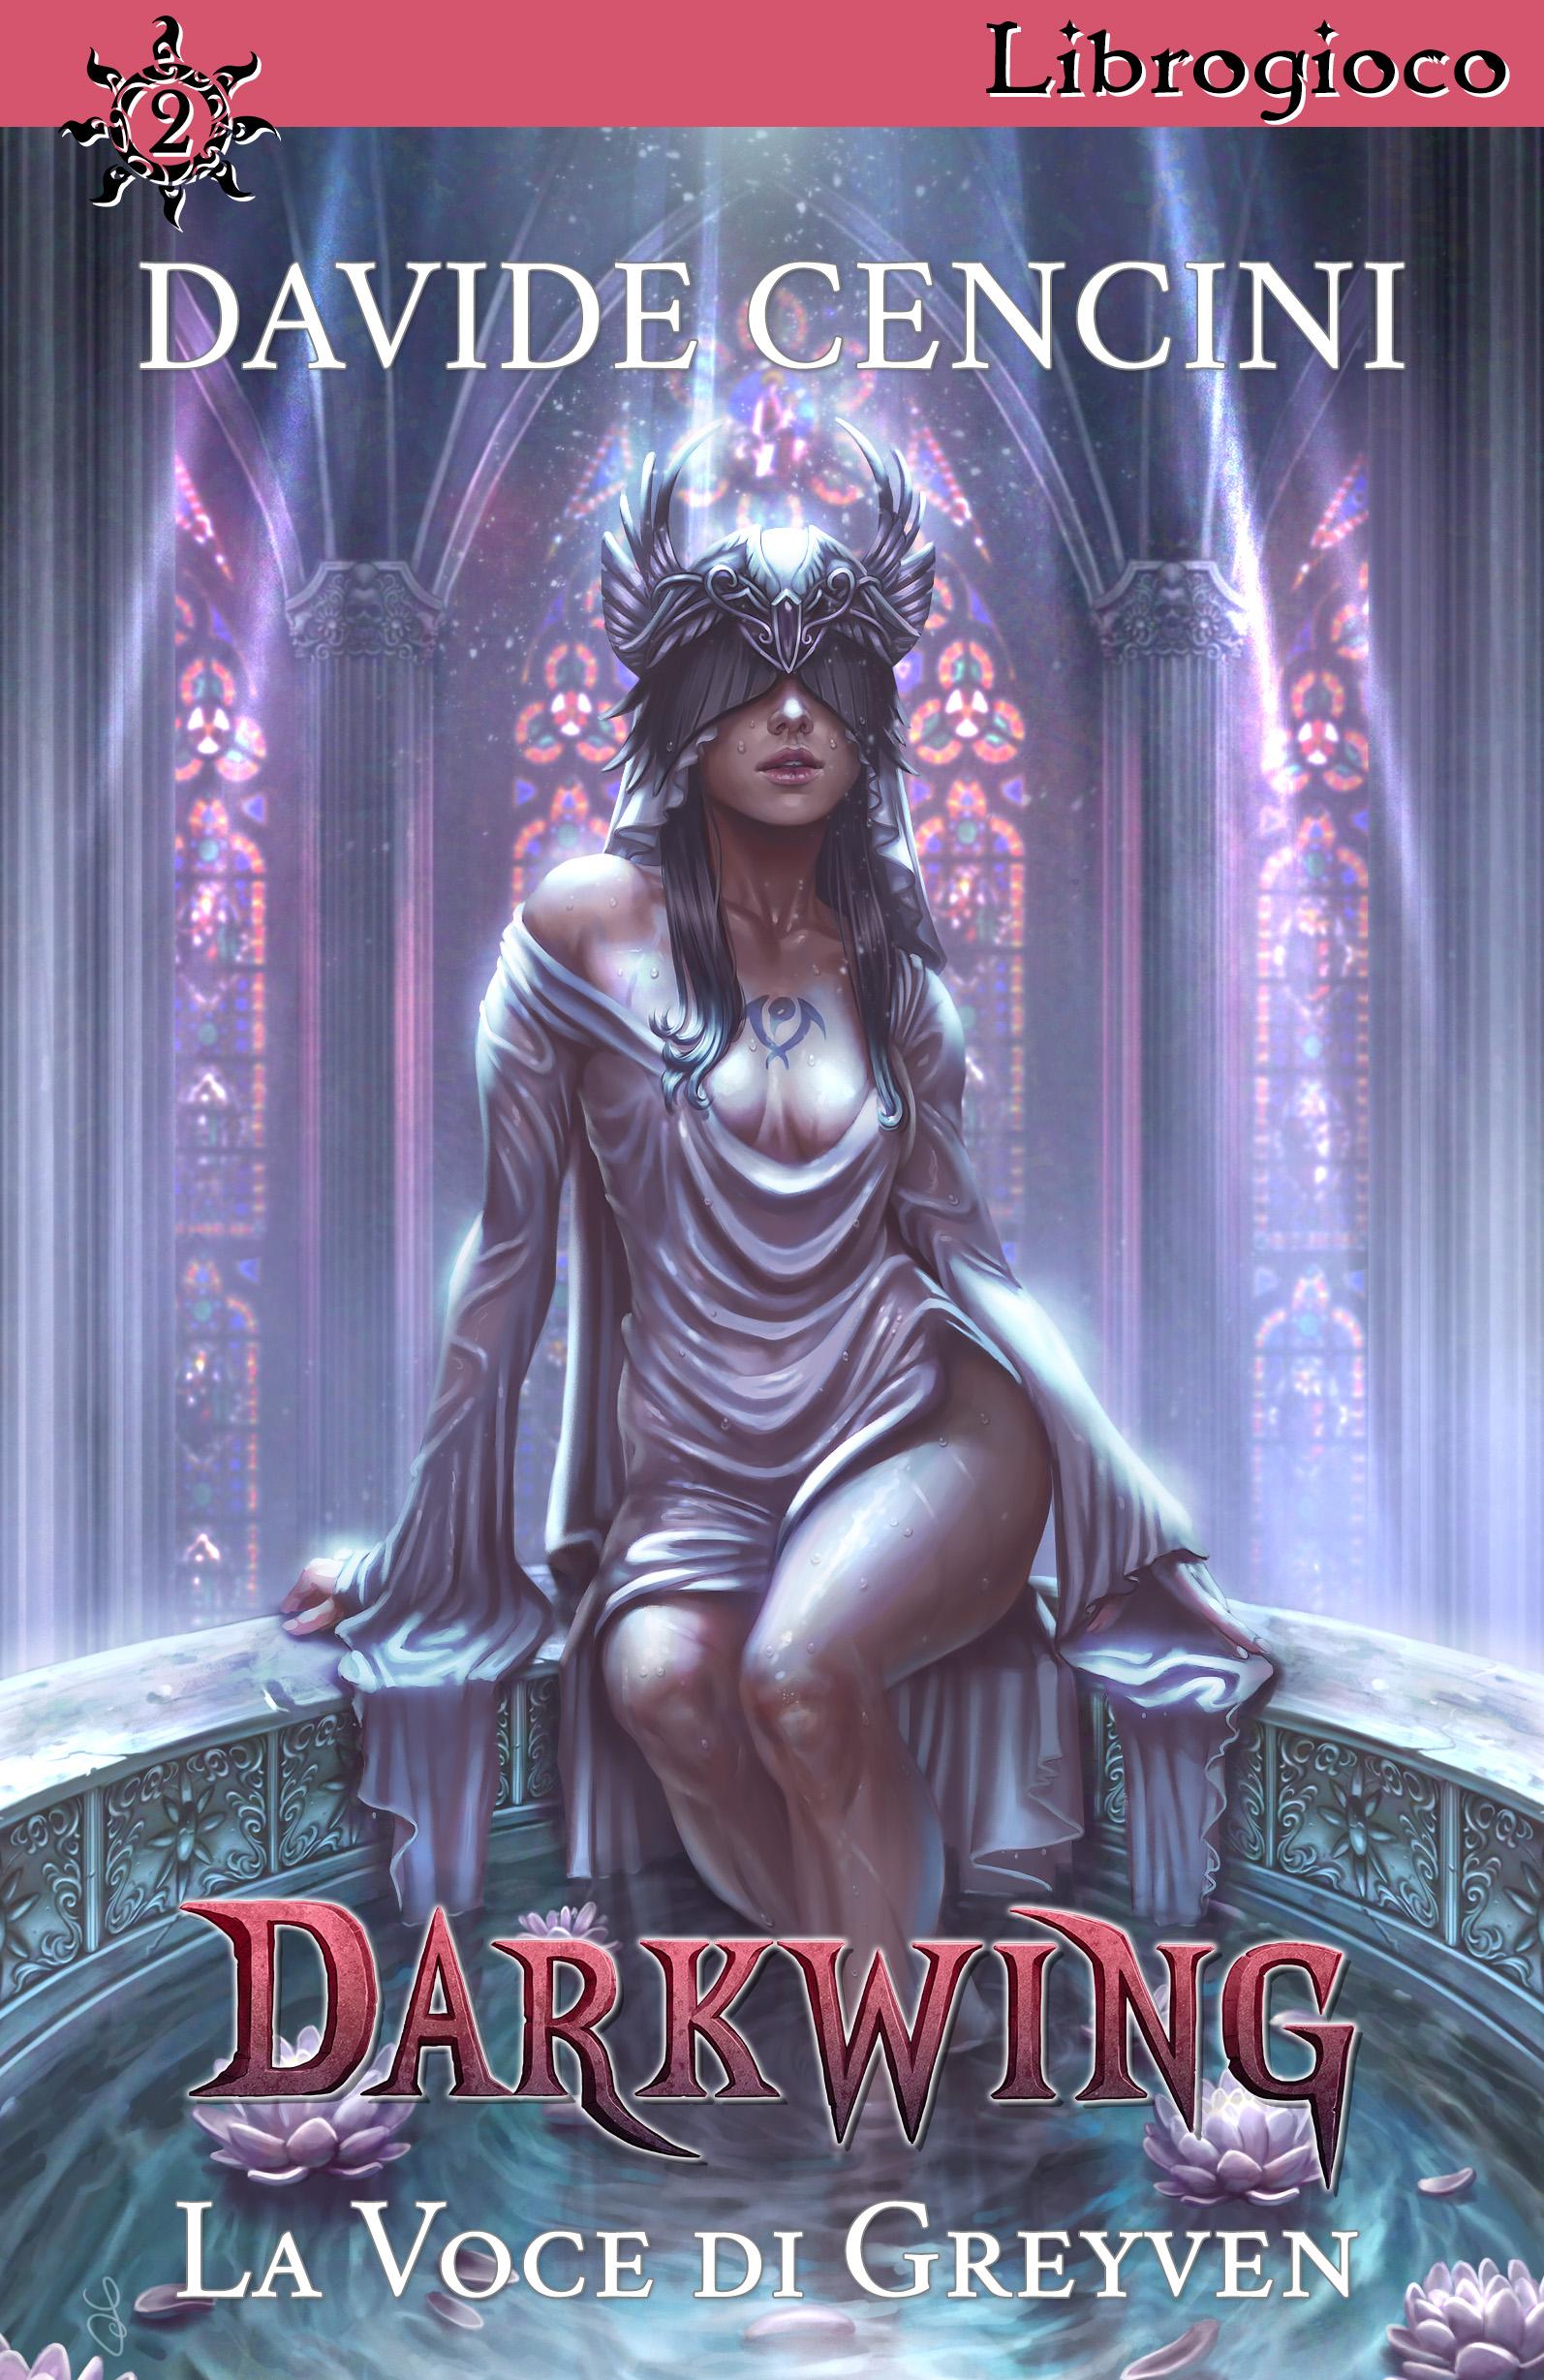 Darkwing librogame vol. 2 - La Voce di Greyven